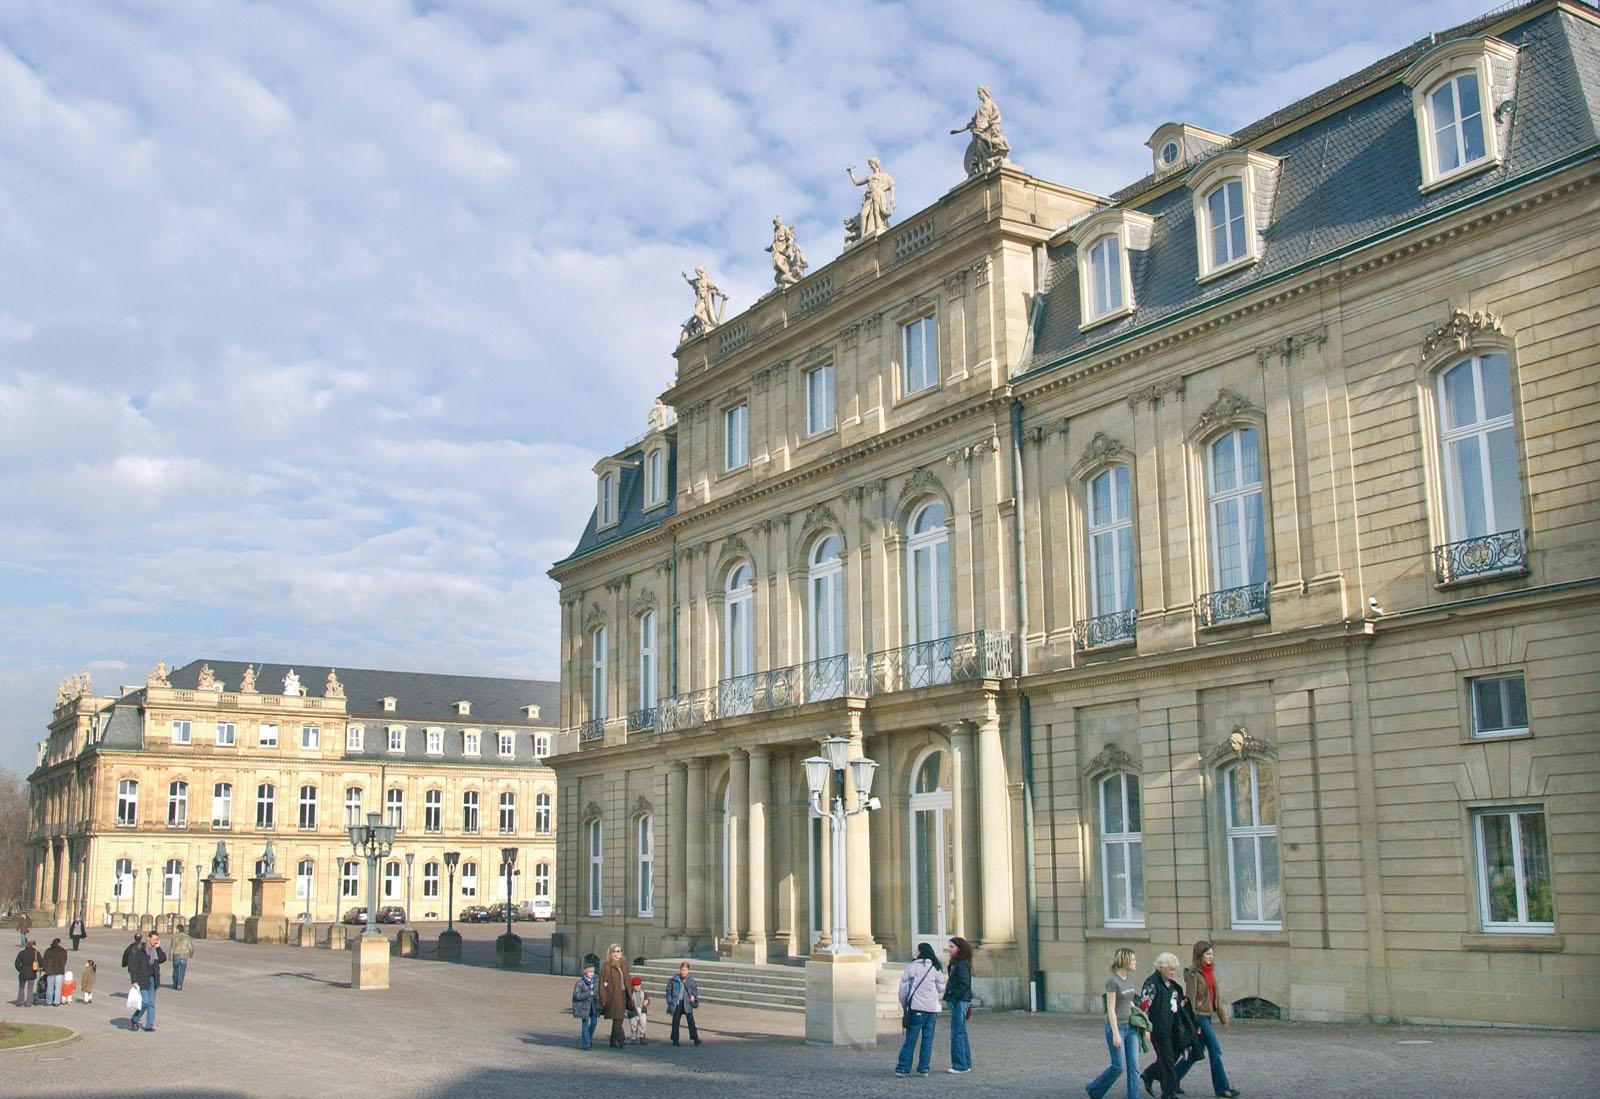 Lange Nacht der Museen Stuttgart - Stuttgart, Sehensw¸rdigkeiten und Denkm‰ler der Stadt